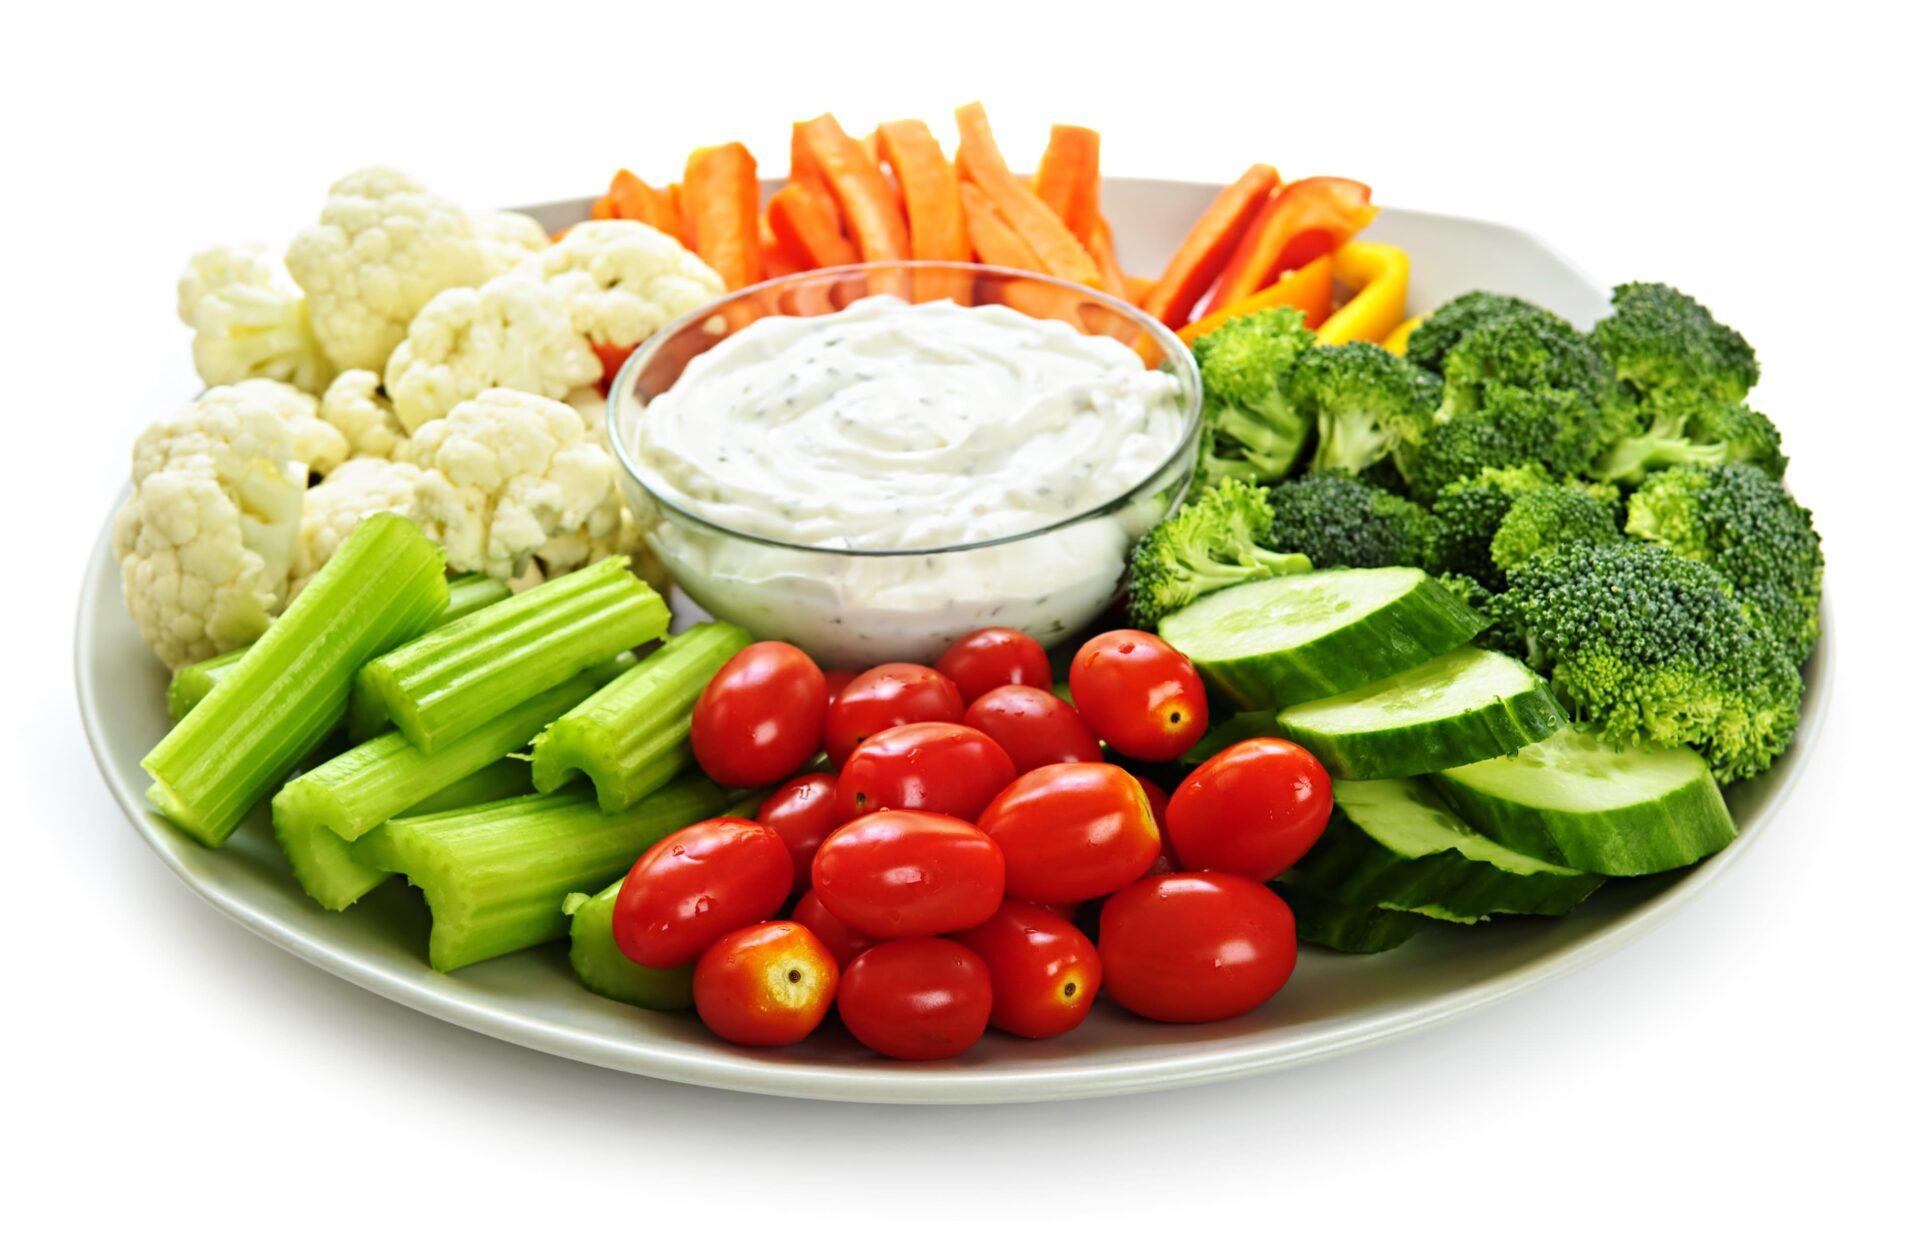 7 полезных продуктов, которые следует потреблять ежедневно